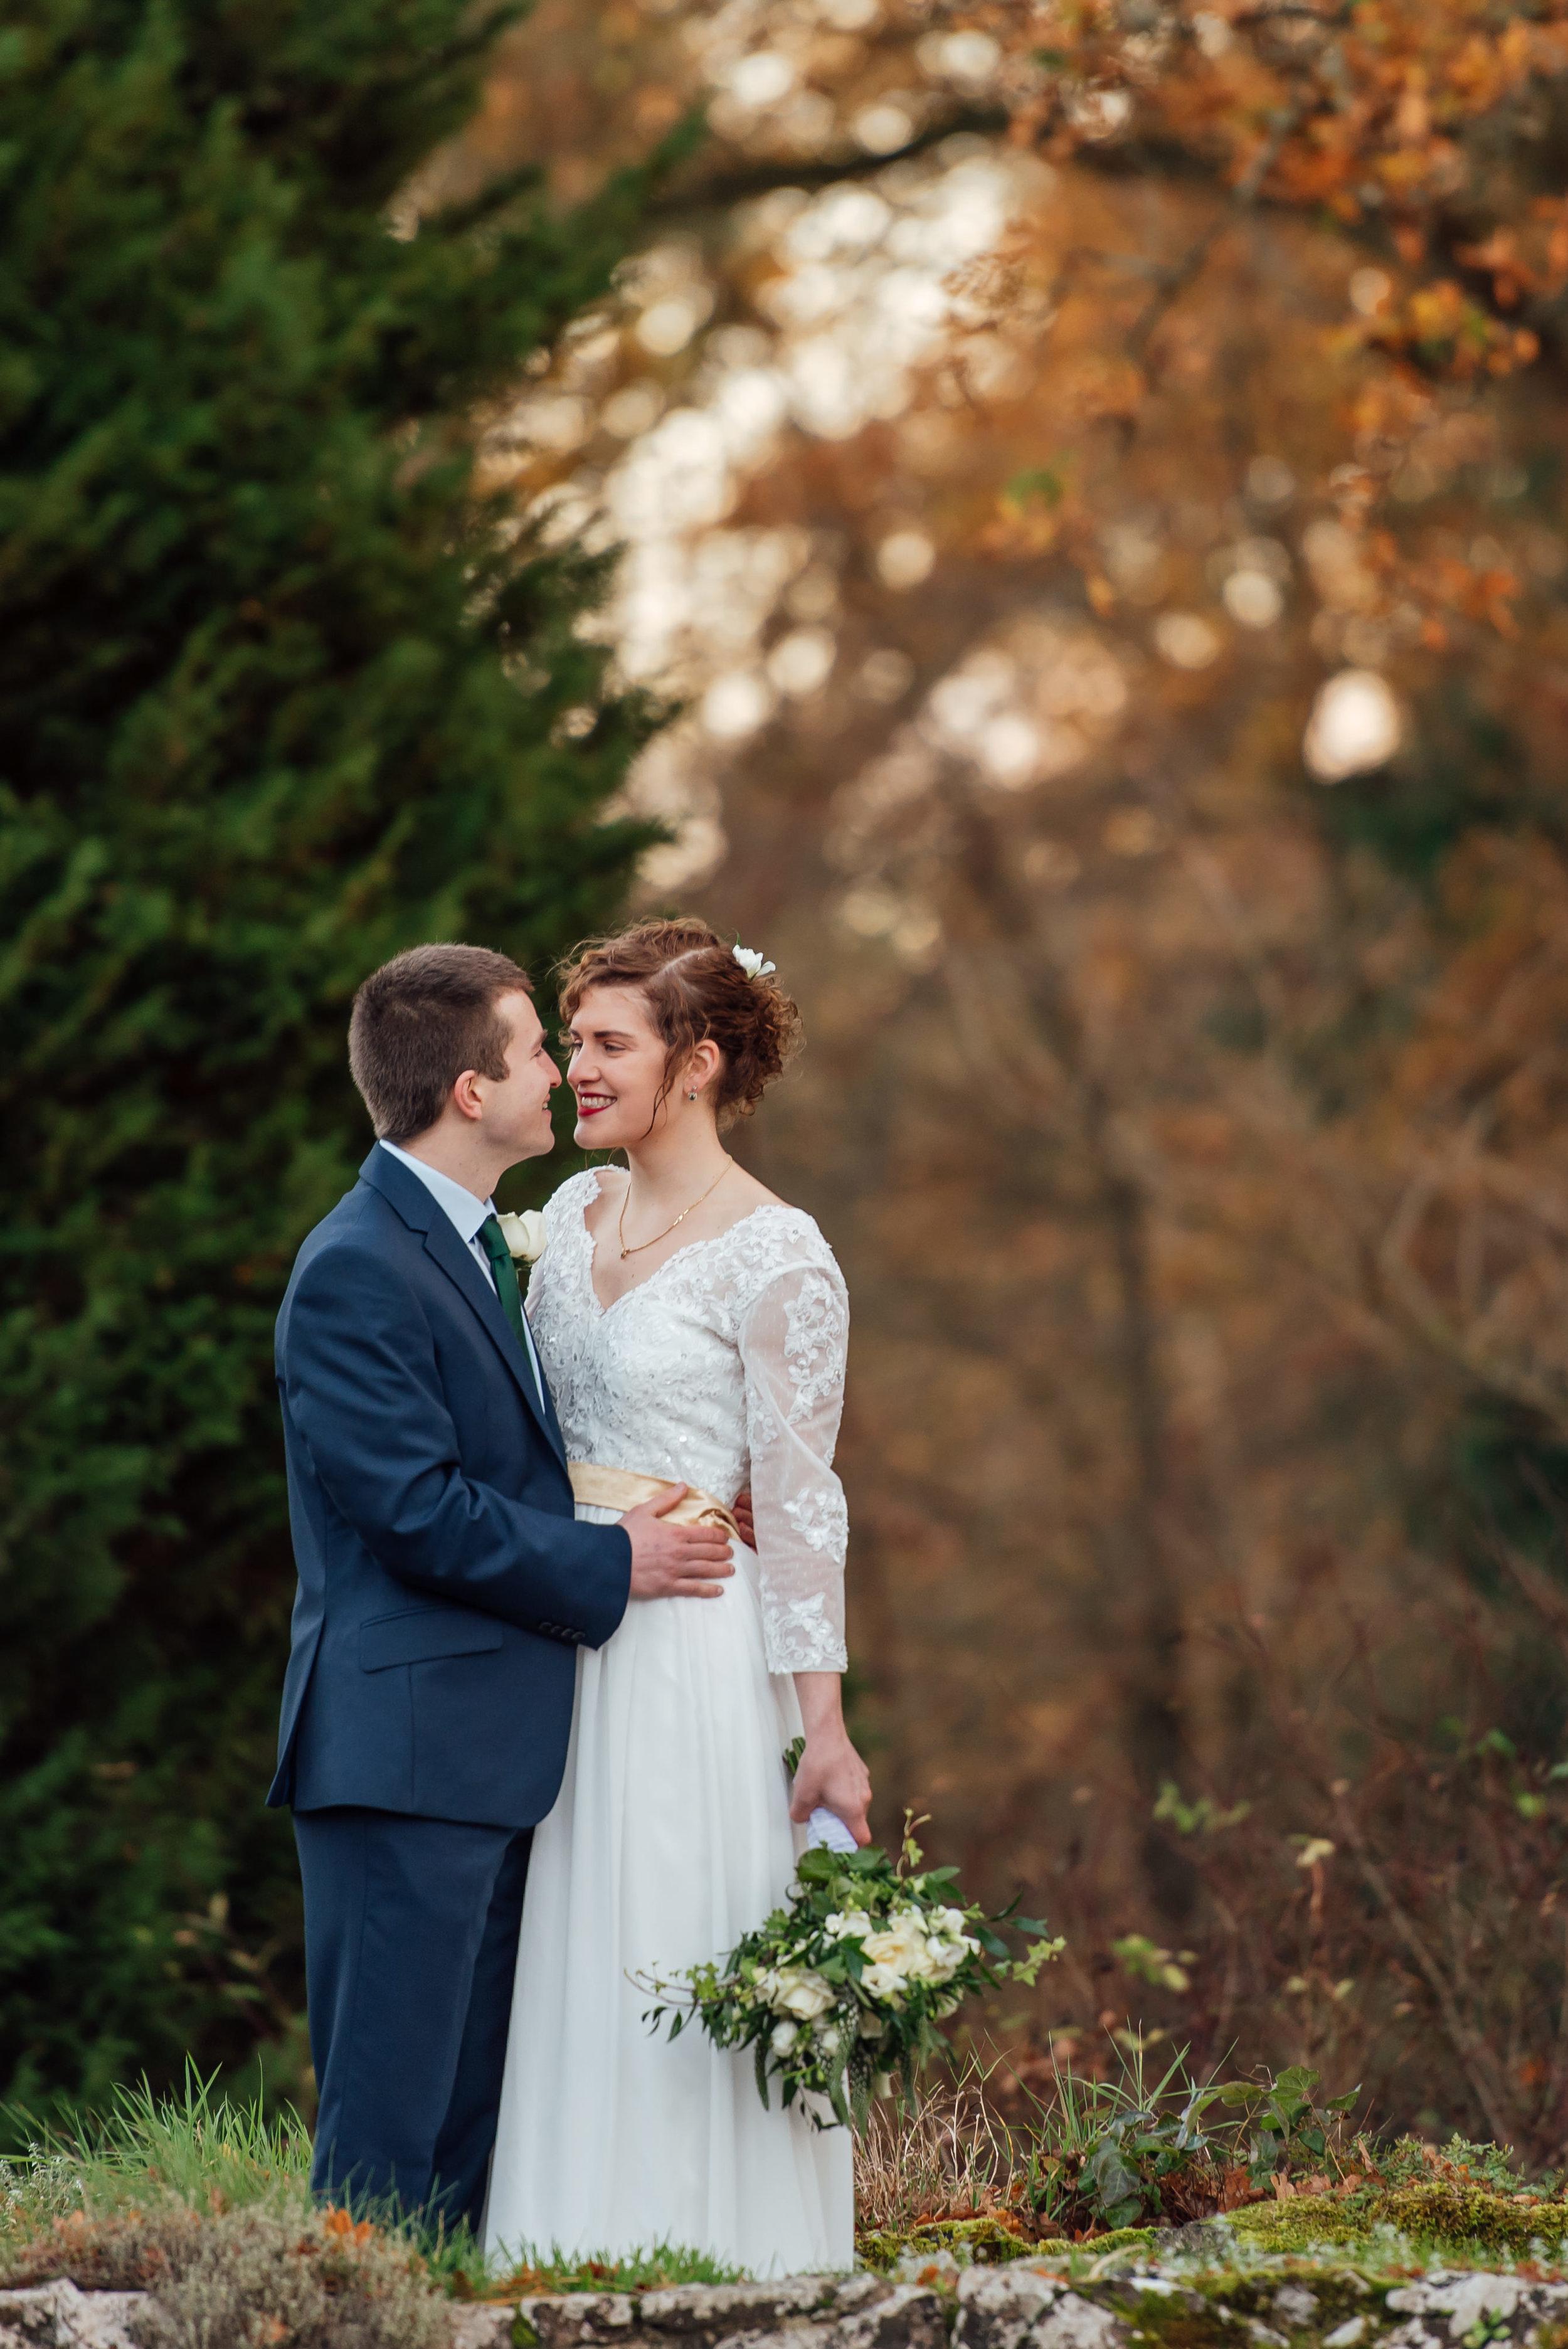 Hampshire-Wedding-Photographer-Hampshire / Tylney-Hall-Wedding / Hook-Hampshire-Wedding-Venue / Amy-James-Photography /Fleet-wedding-photographer-farnborough / sunset-wedding-photograph